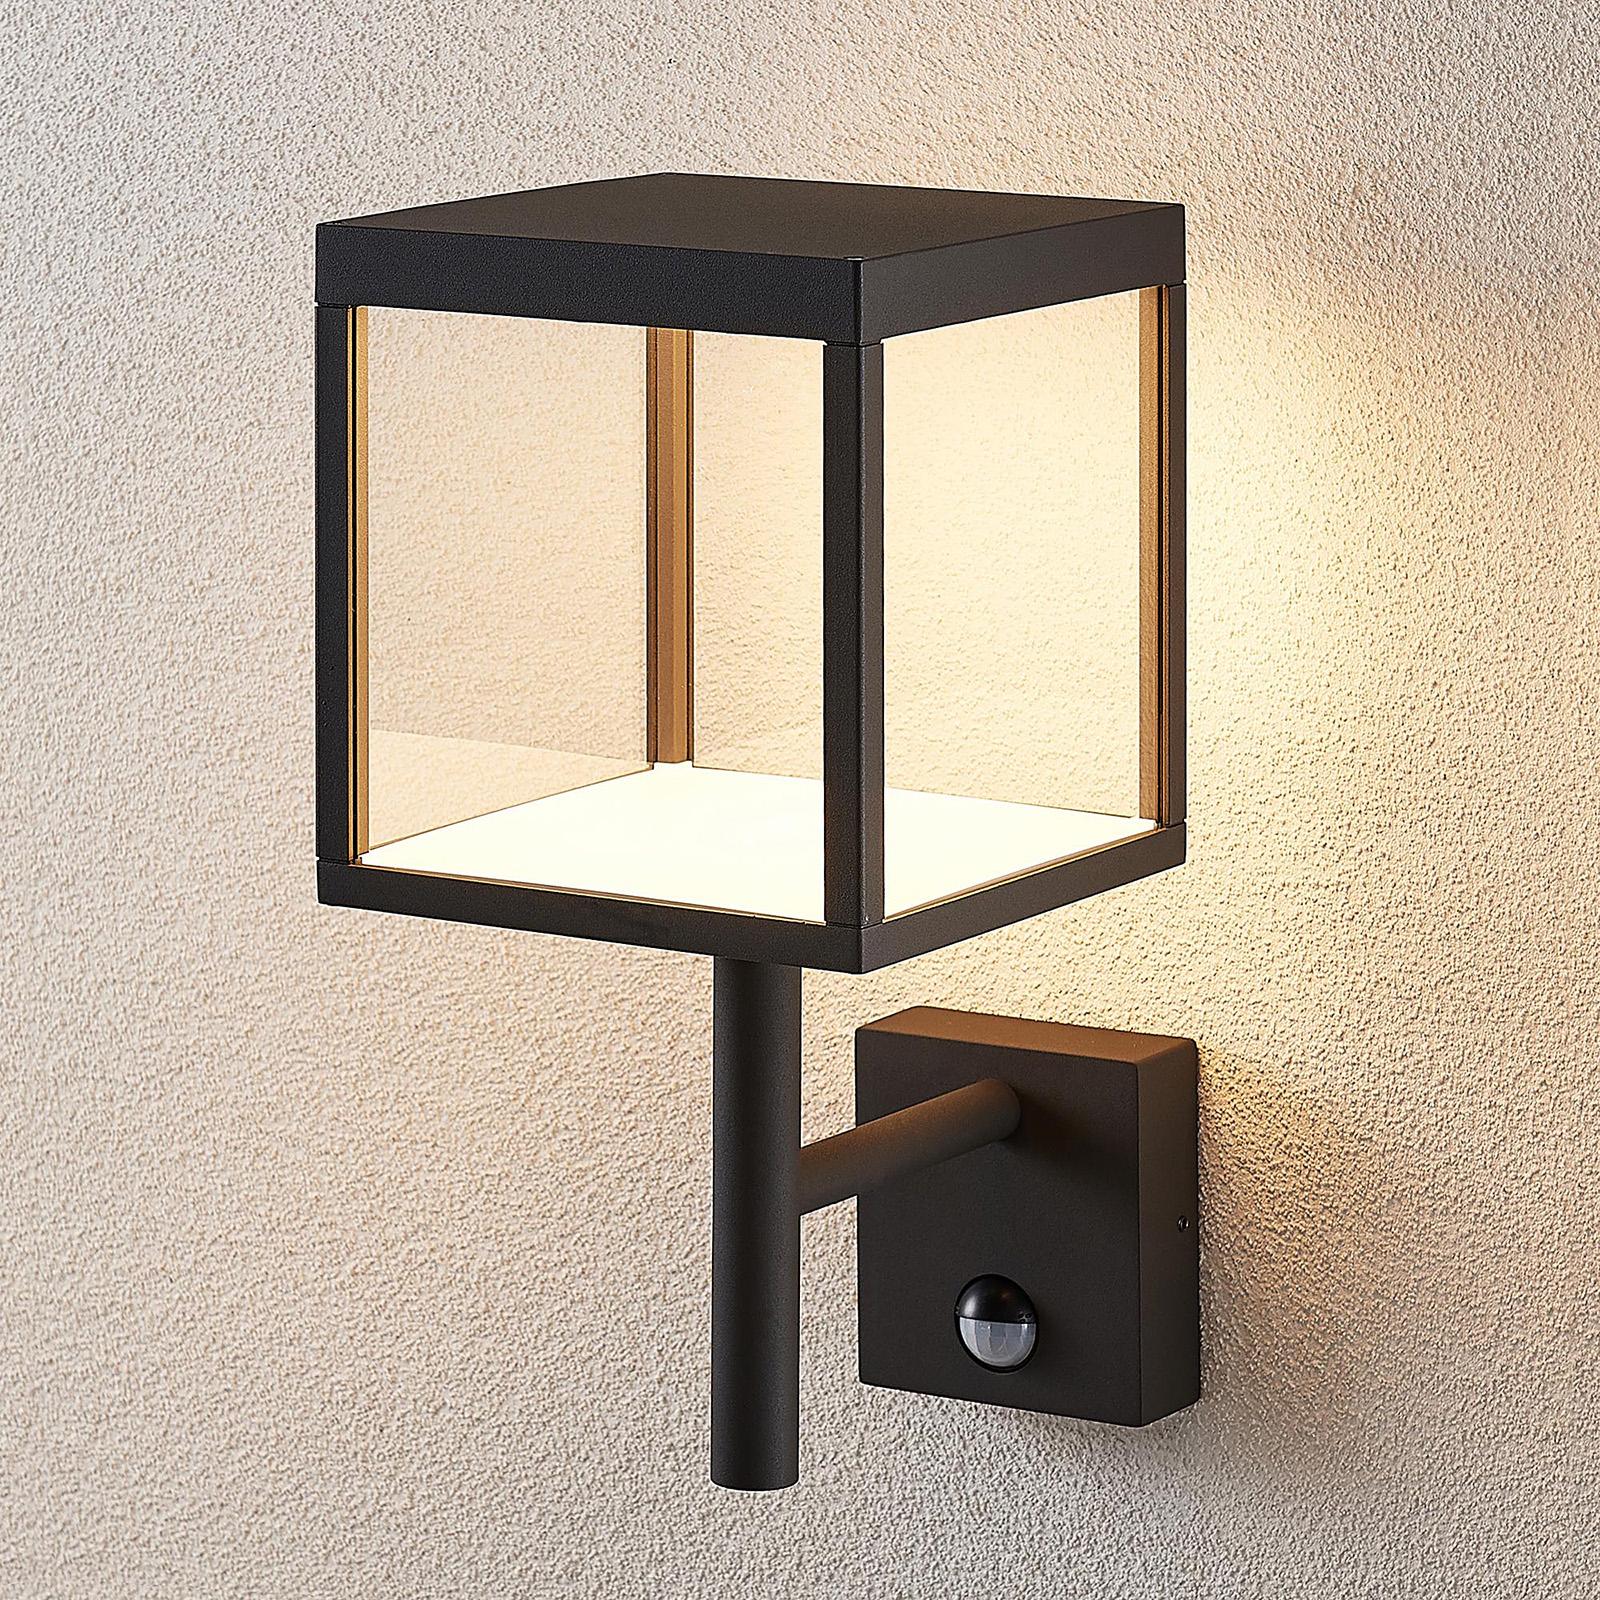 LED-ulkoseinävalaisin Cube, grafiititi, anturilla